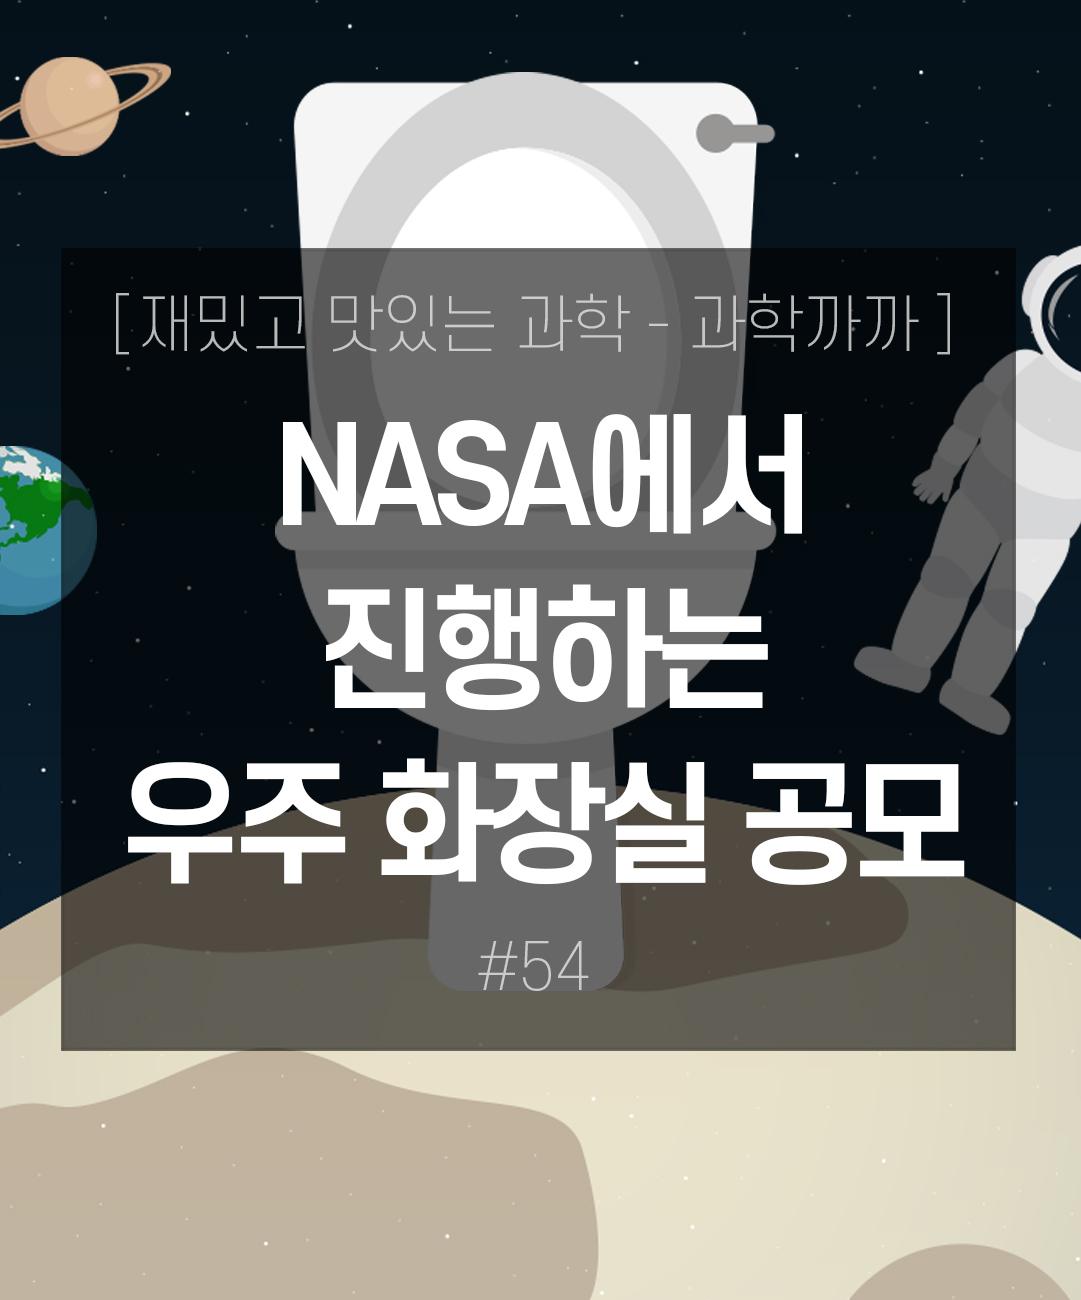 """NASA """"우주 화장실 아이디어 공모합니다"""" 4천만 원 상금까지! 이미지"""